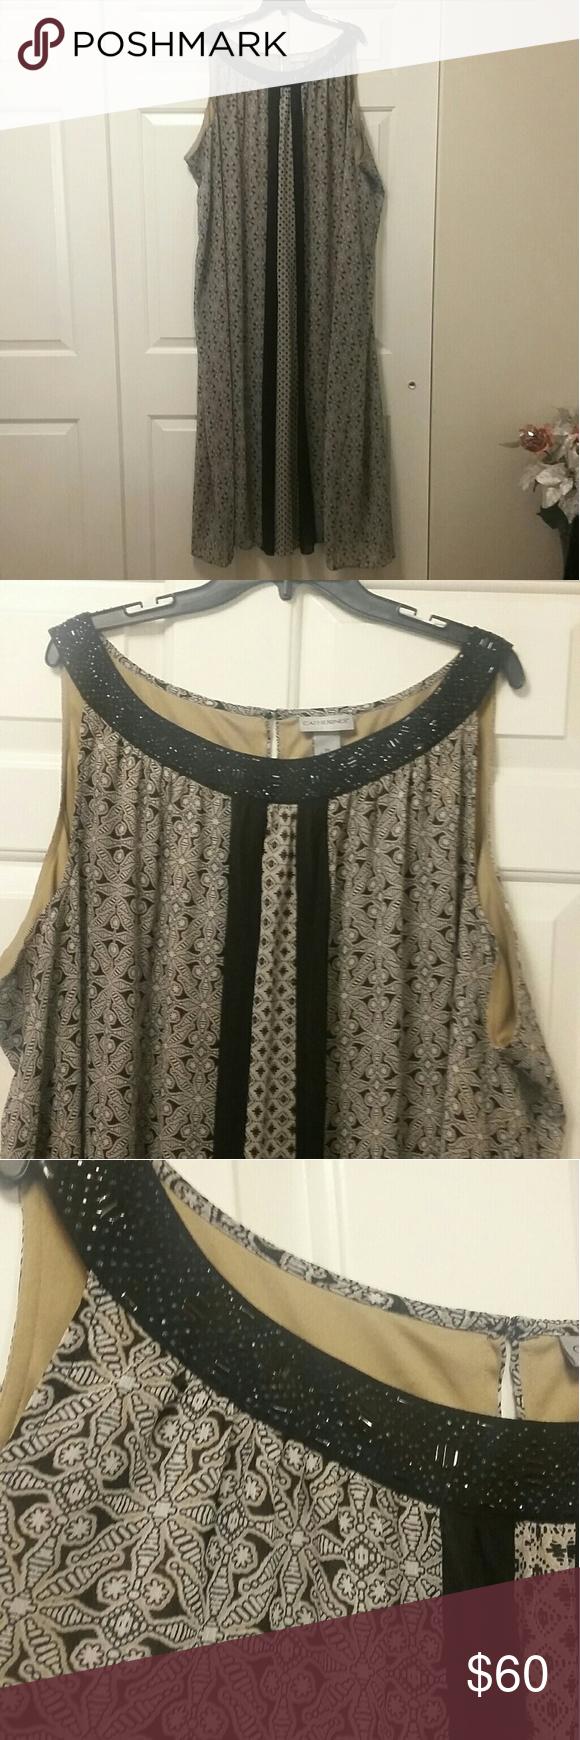 Catherine S Plus Size Jeweled Maxi Dress Size 5x Catherines Plus Size Plus Size Maxi Dresses Maxi Dress [ 1740 x 580 Pixel ]